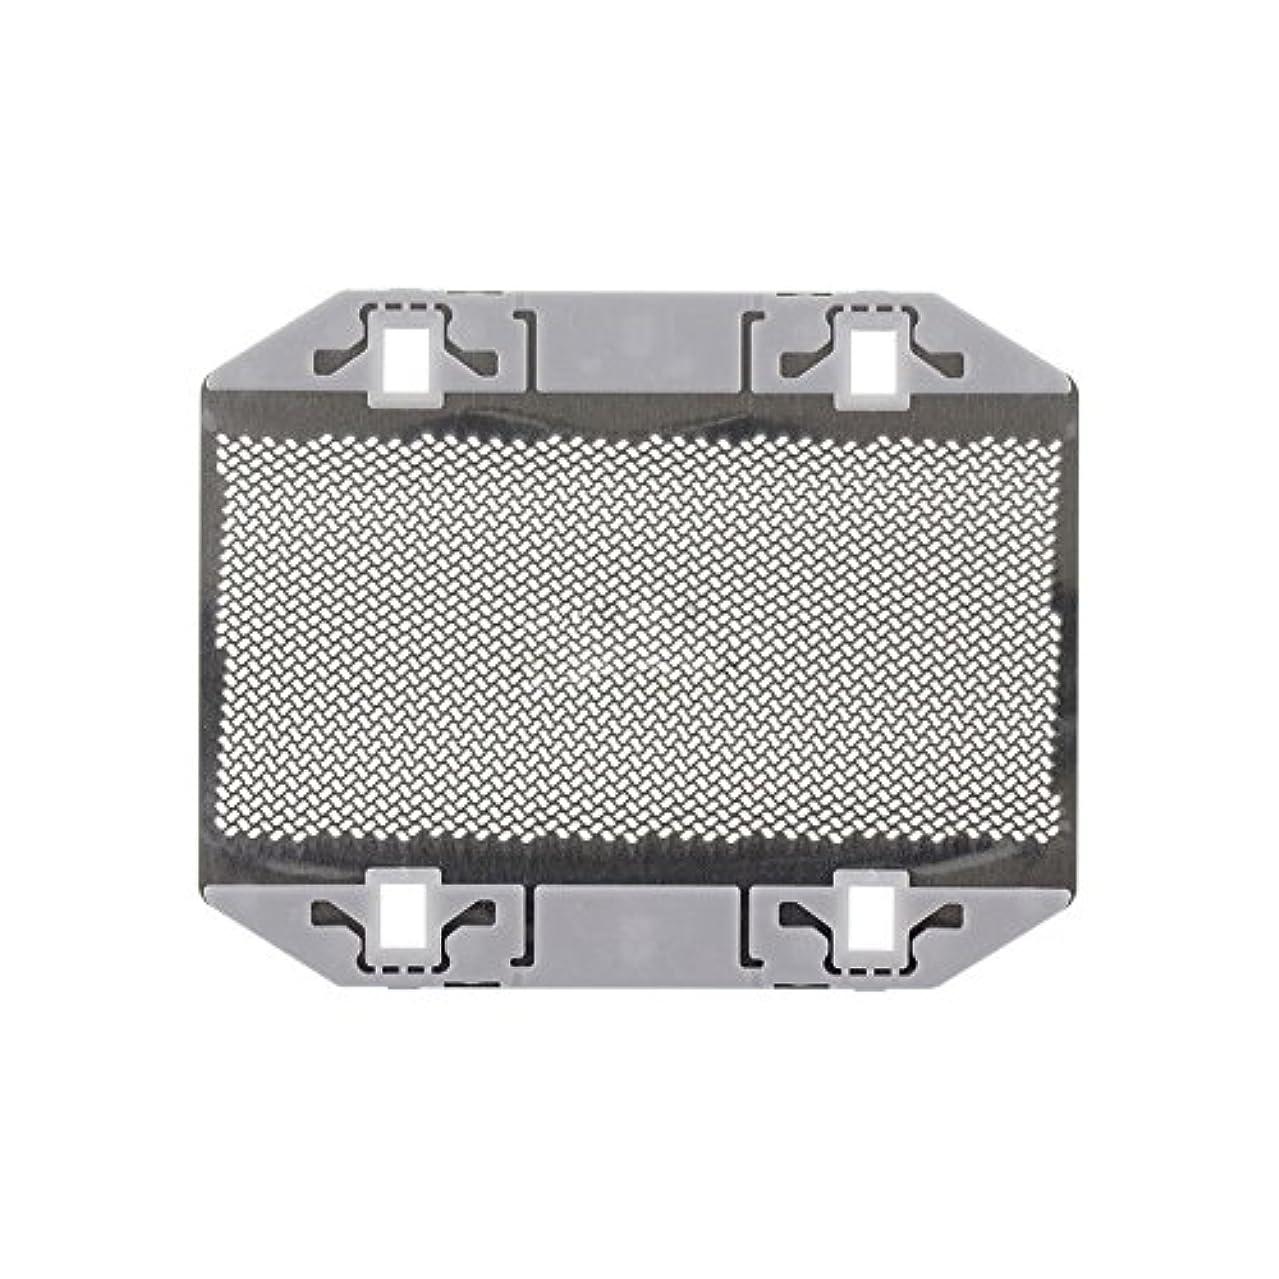 シャベル悪魔適切にHzjundasi シェーバーパーツ 部品 外刃 ロータリー式シェーバー替刃 耐用 高質量 for Panasonic ES9943 ES3042 ES3801 ES3750 ES365 ES366